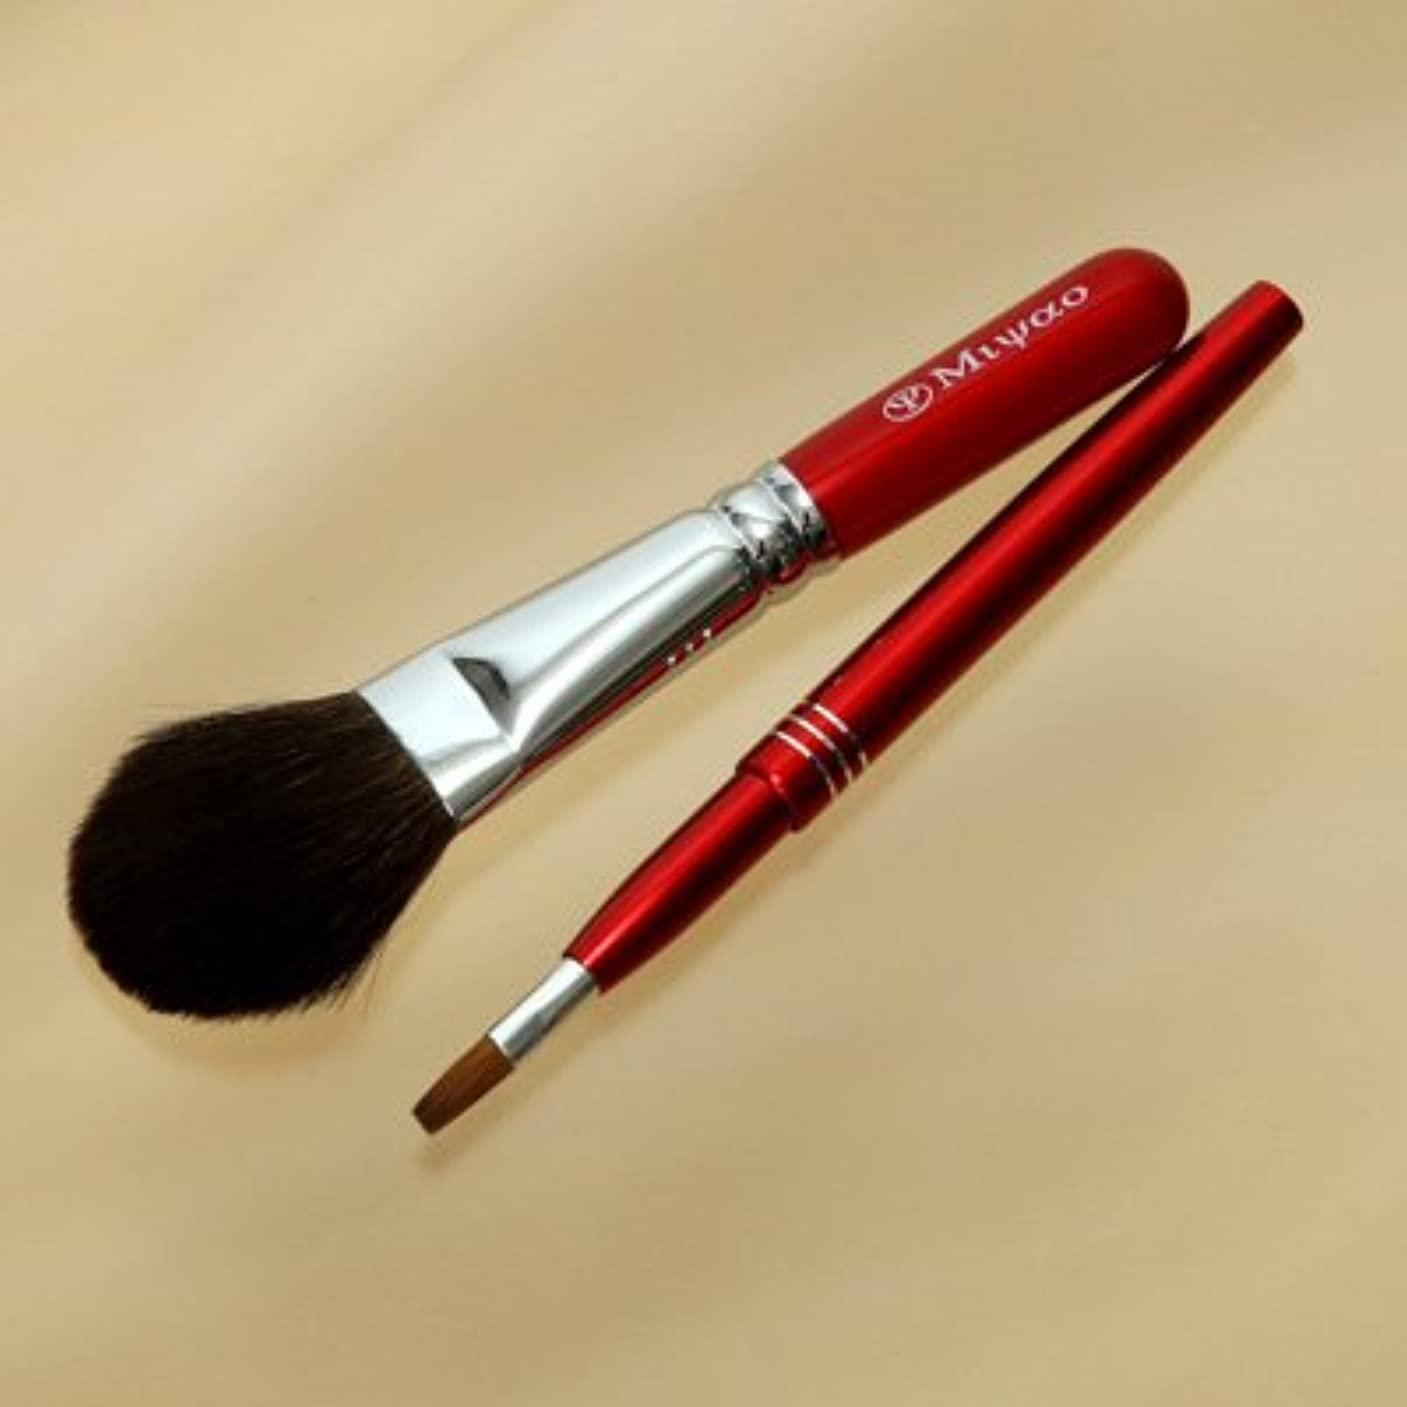 メタリック火まもなく熊野化粧筆メイクブラシ2点セット [灰リス100%チークブラシ(S)&携帯リップブラシ]レッドパール